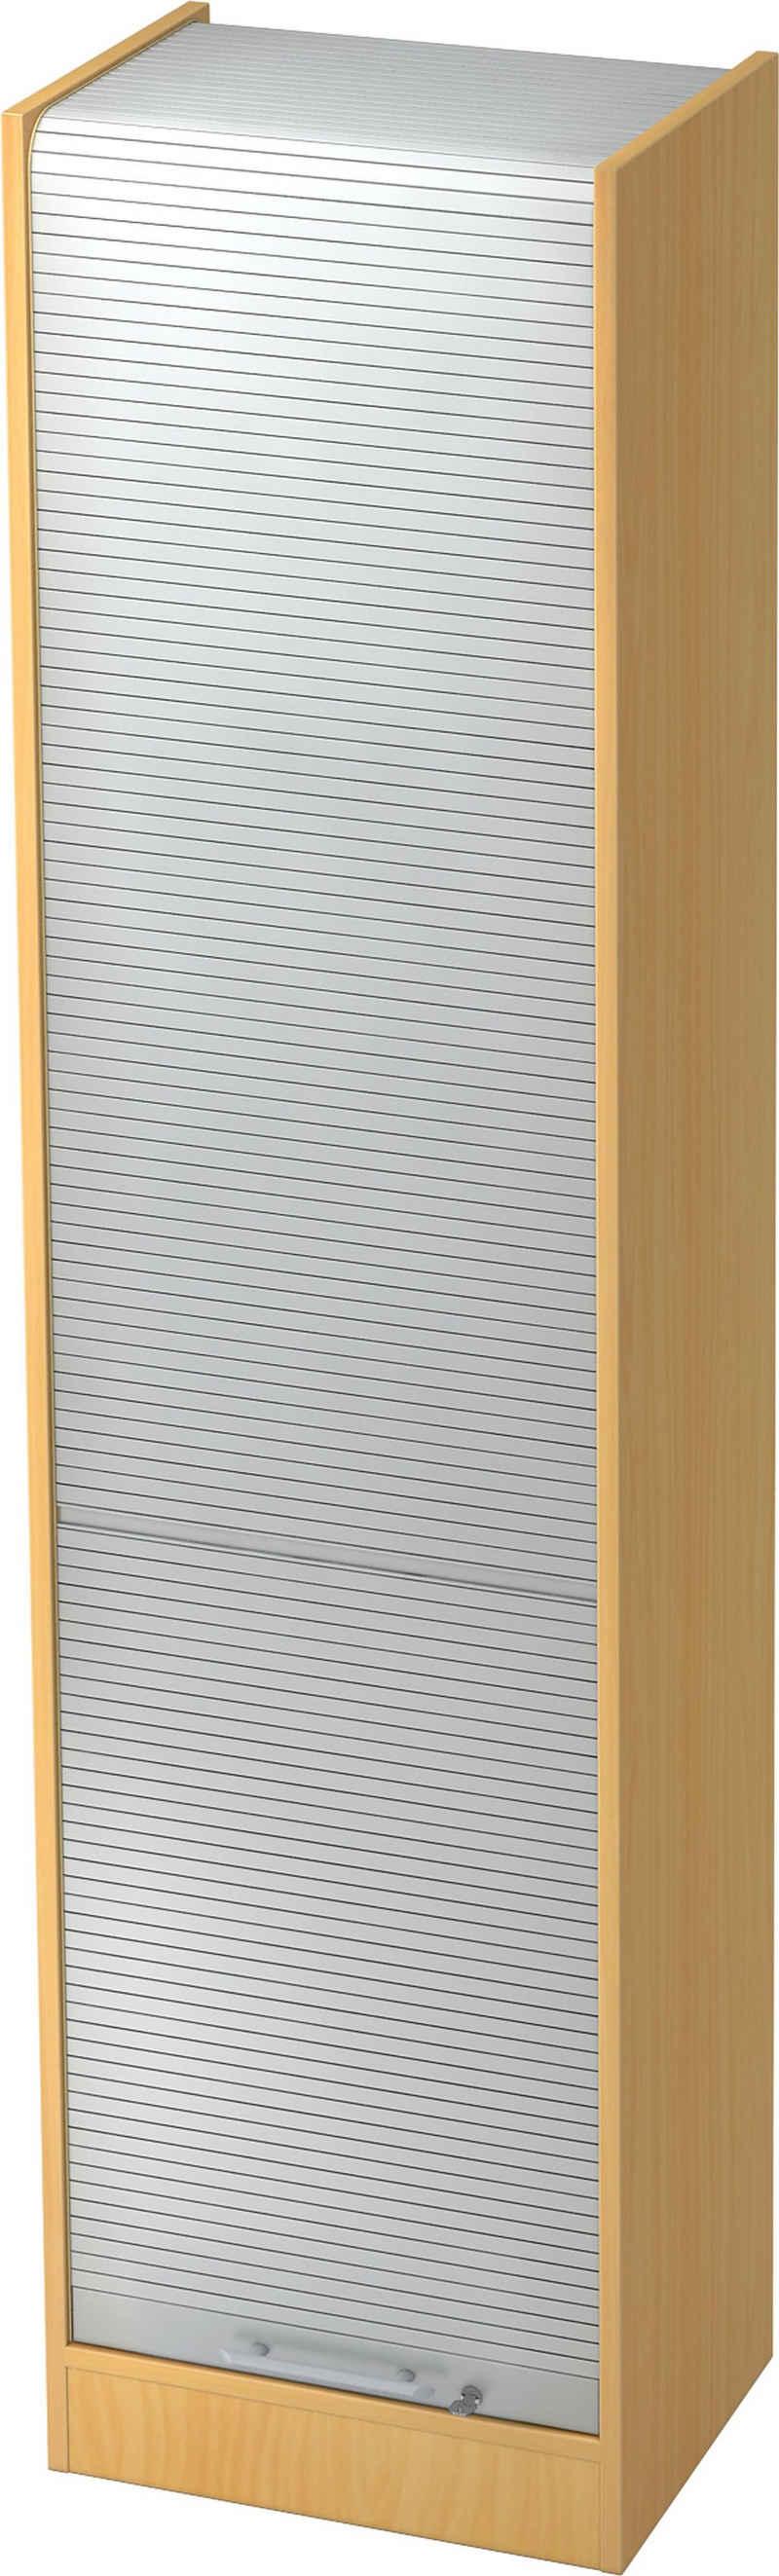 bümö Rollladenschrank »OM-SET50« Aktenschrank mit Rollladen abschließbar, Büroschrank für Aktenorder - 5 Ordnerhöhen - Dekor: Buche/Silber